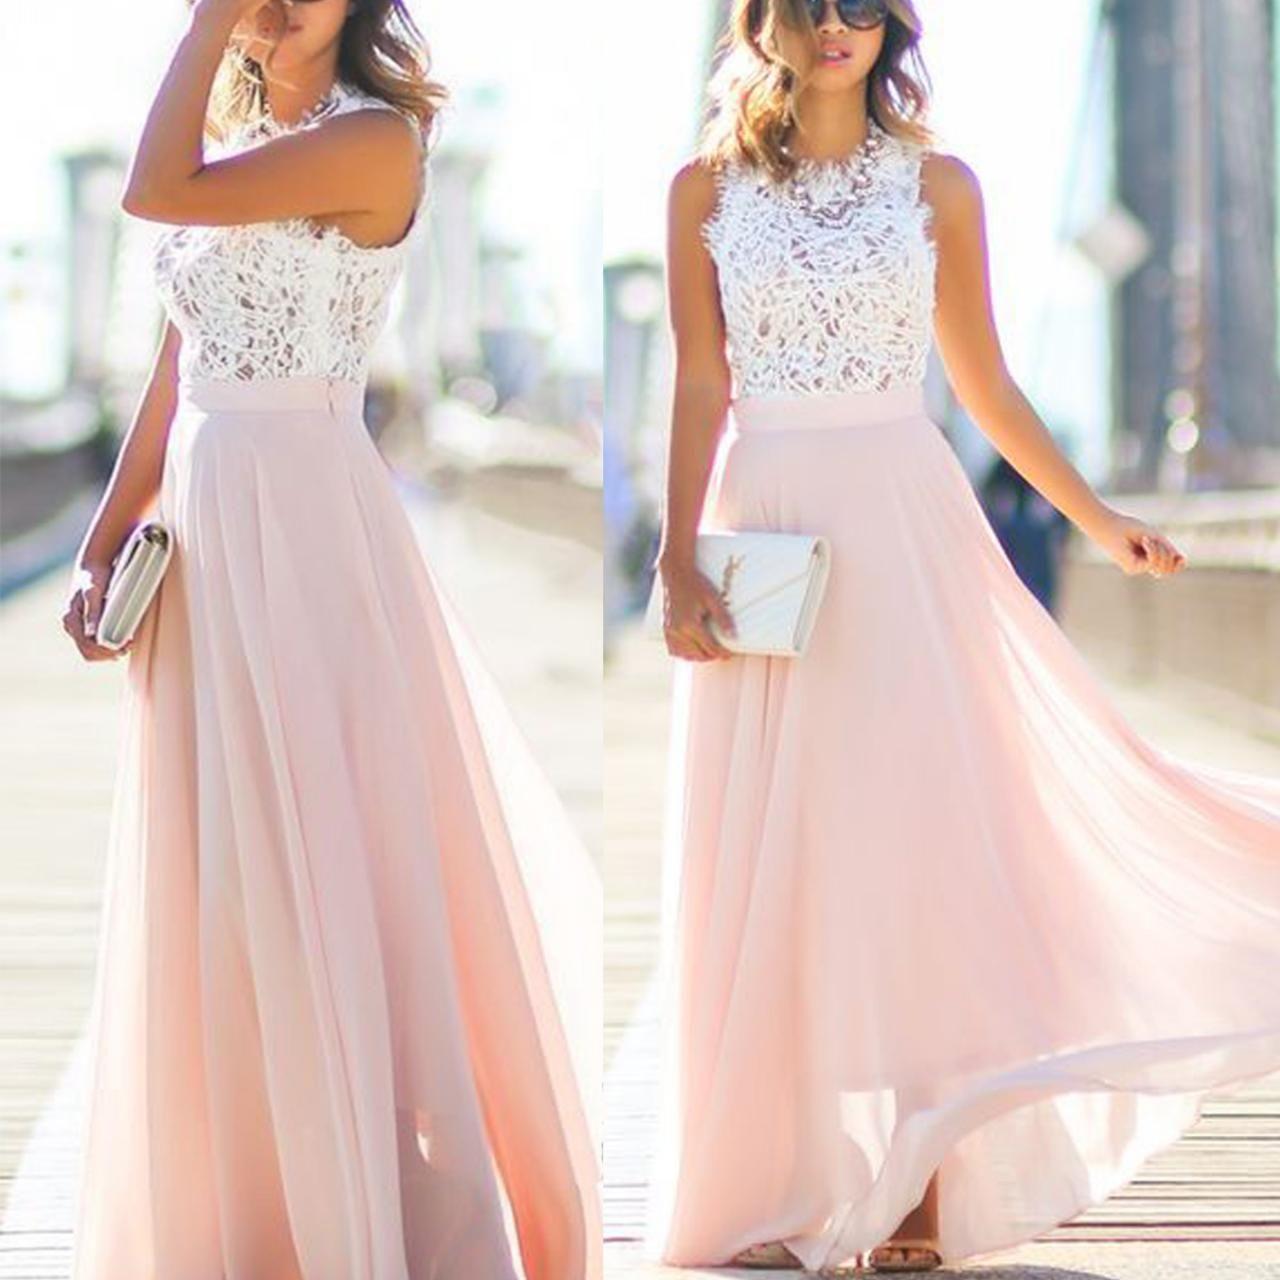 Charming Prom Dress,Maxi Prom Dress,Zipper Prom Dress,Fashion Prom ...